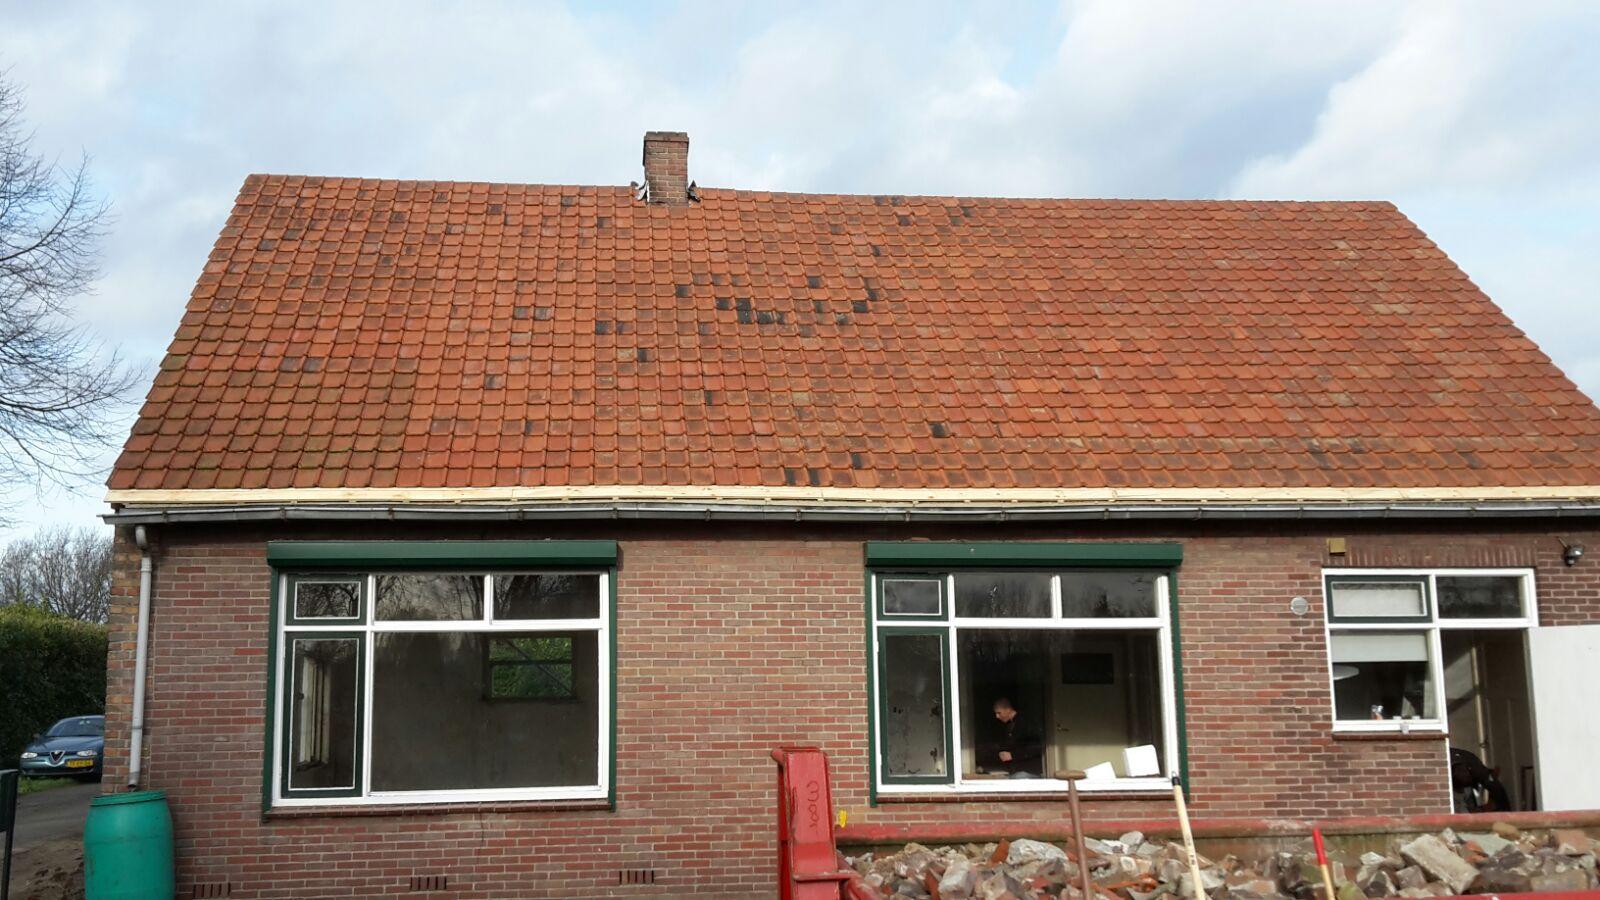 Geheel nieuw dak van dakpannen geplaatst